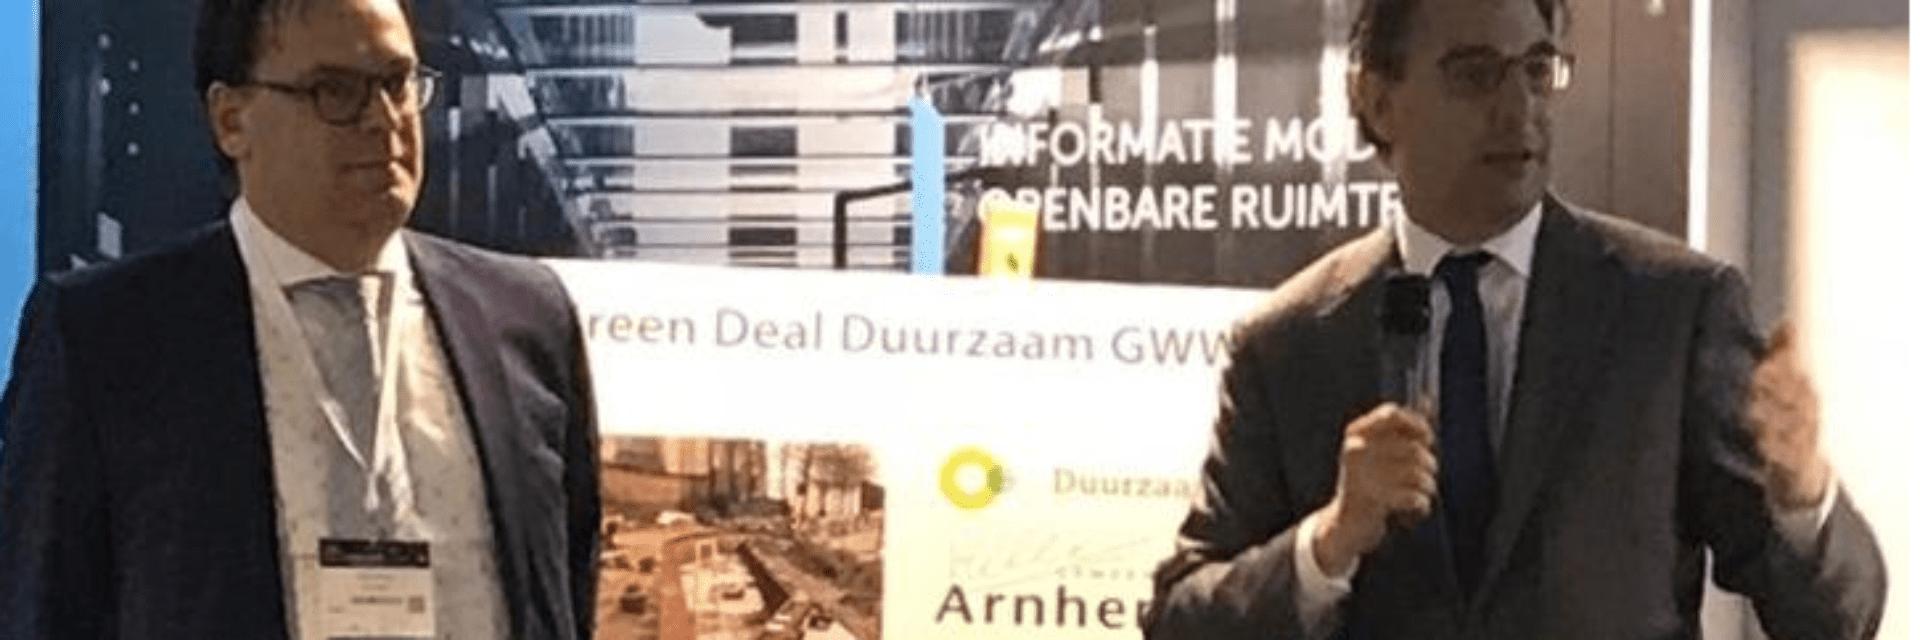 Project Afsluitdijk ontvangt duurzaamheidsparel. Er staan twee mannen op de foto. De ene man heeft een microfoon vast.